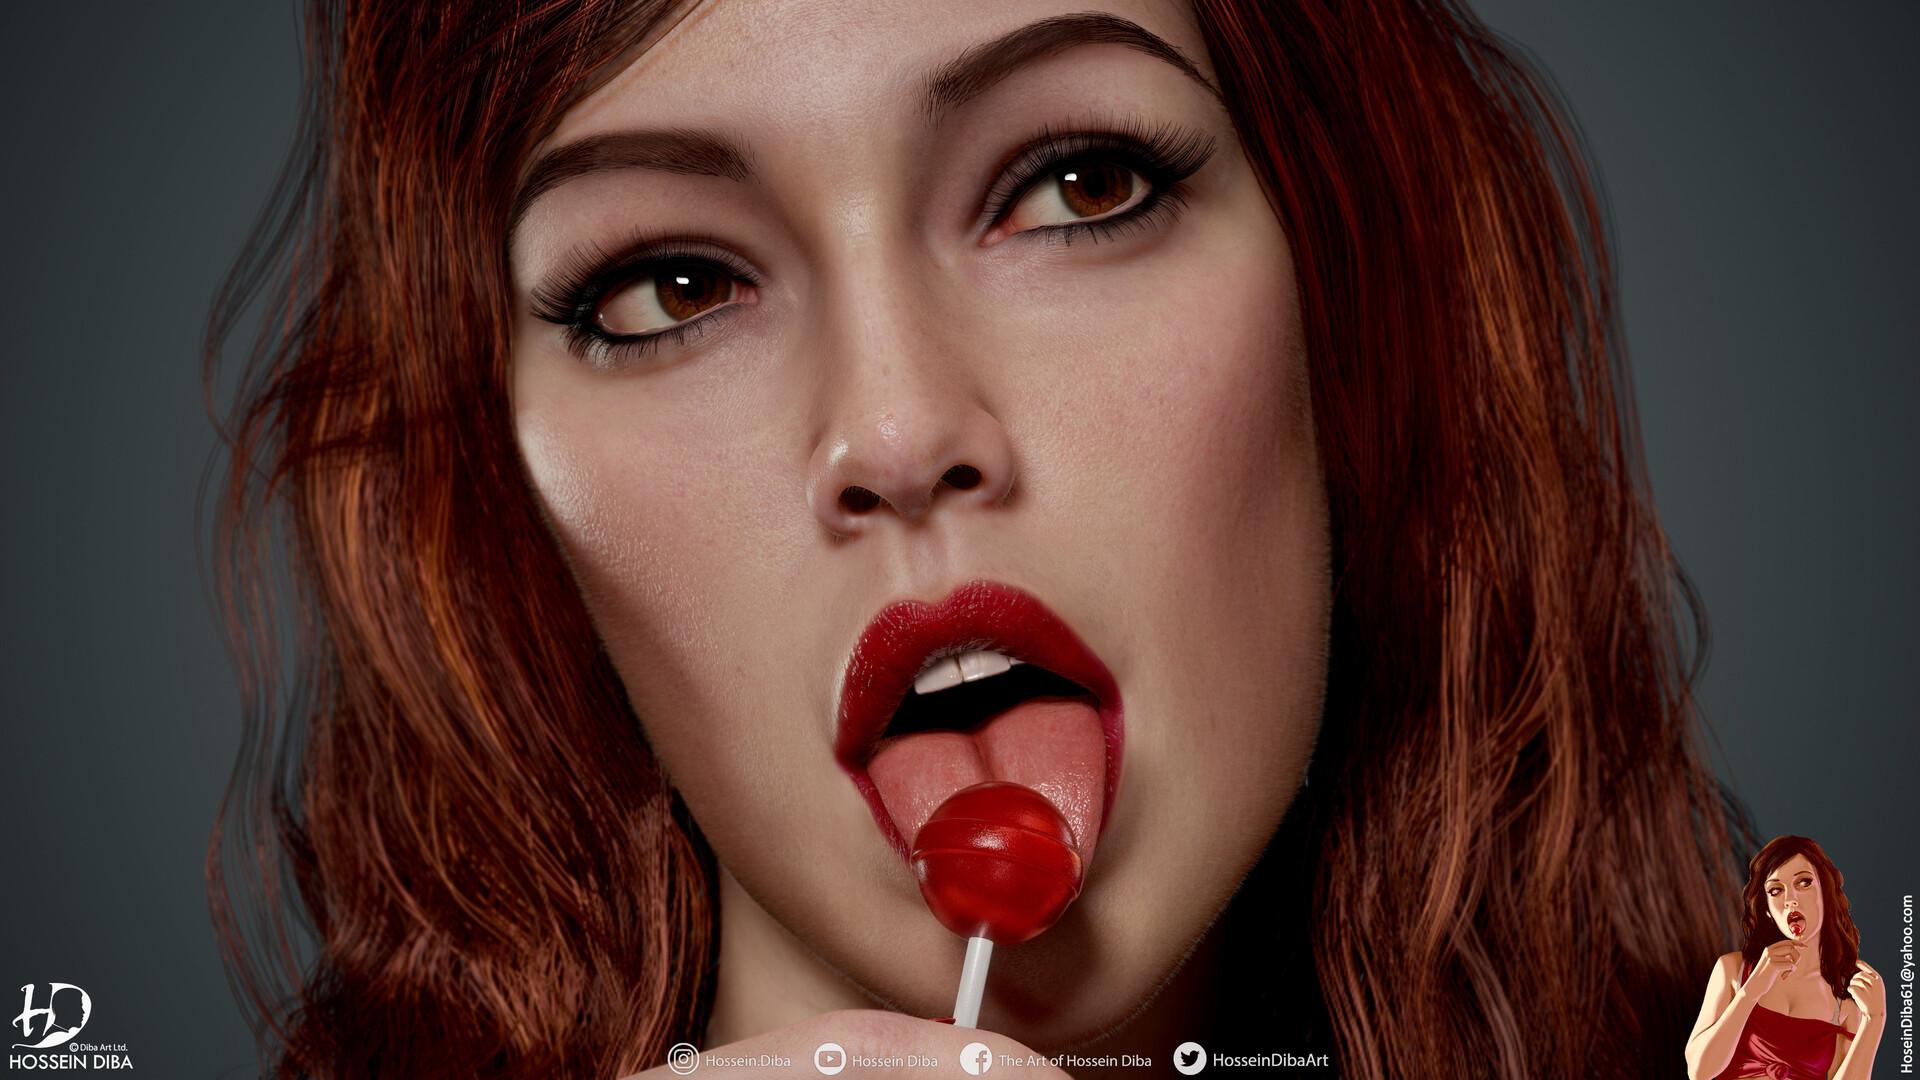 Художник создал 3D-модель девушки с обложки GTA IV